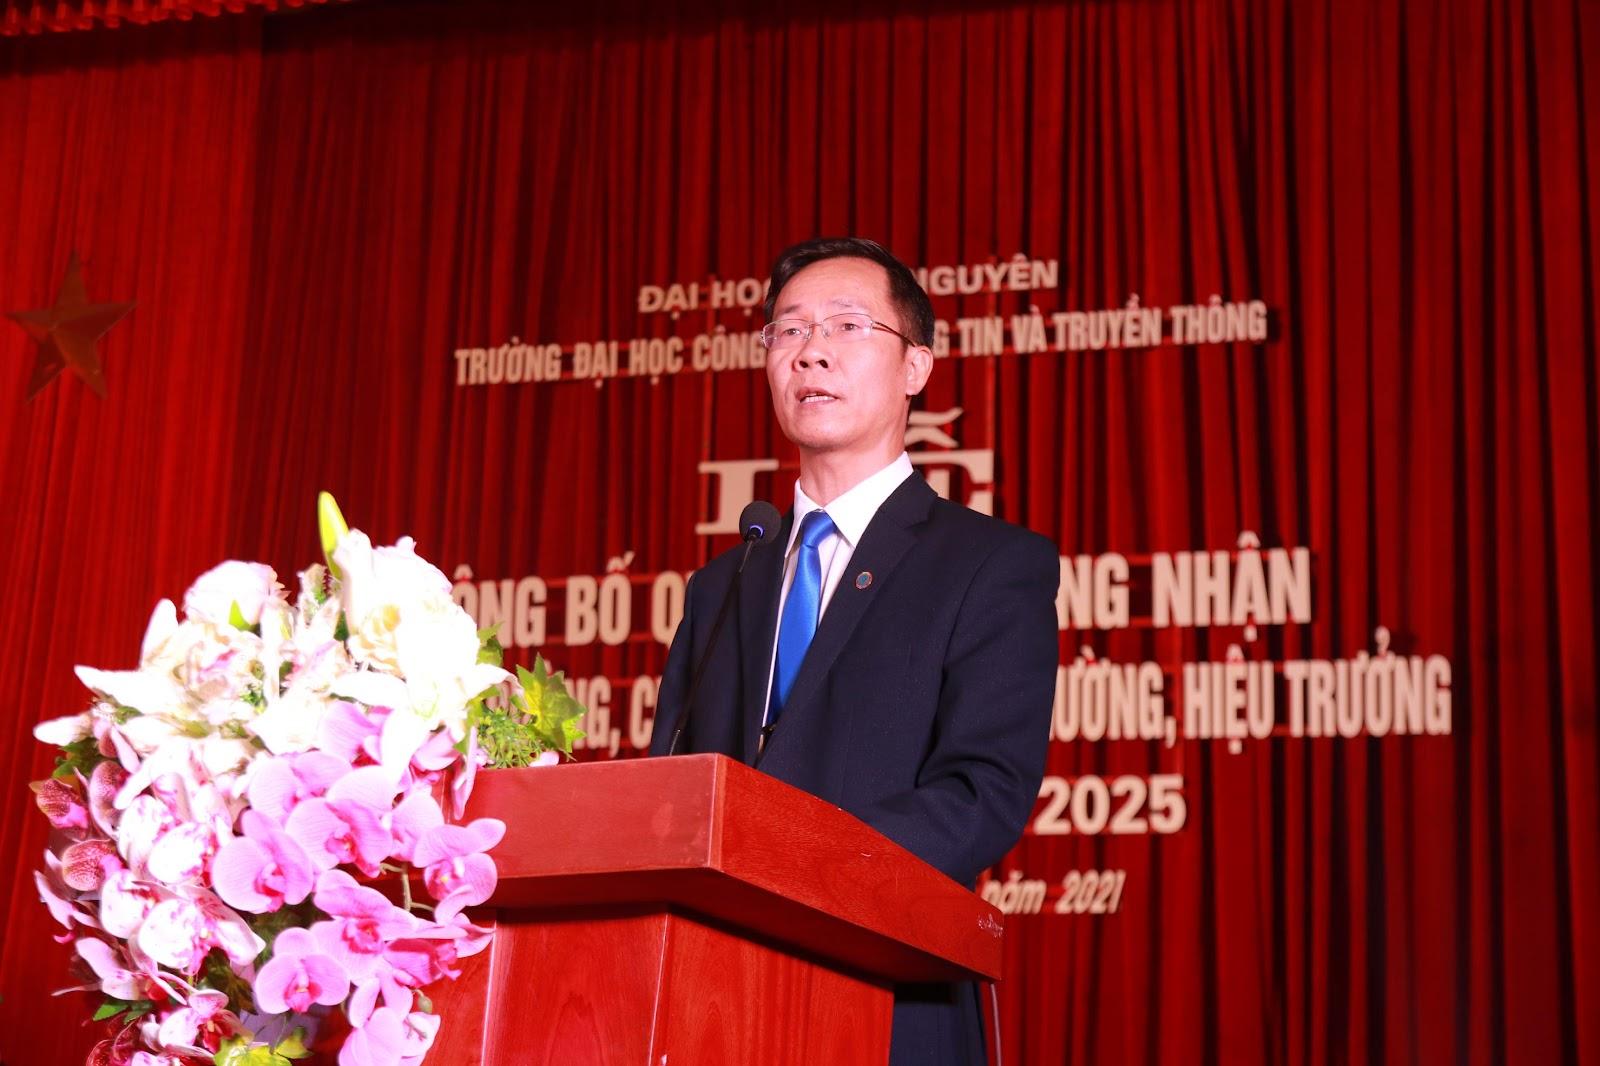 TS. Nguyễn Văn Tảo phát biểu tại buổi Lễ.